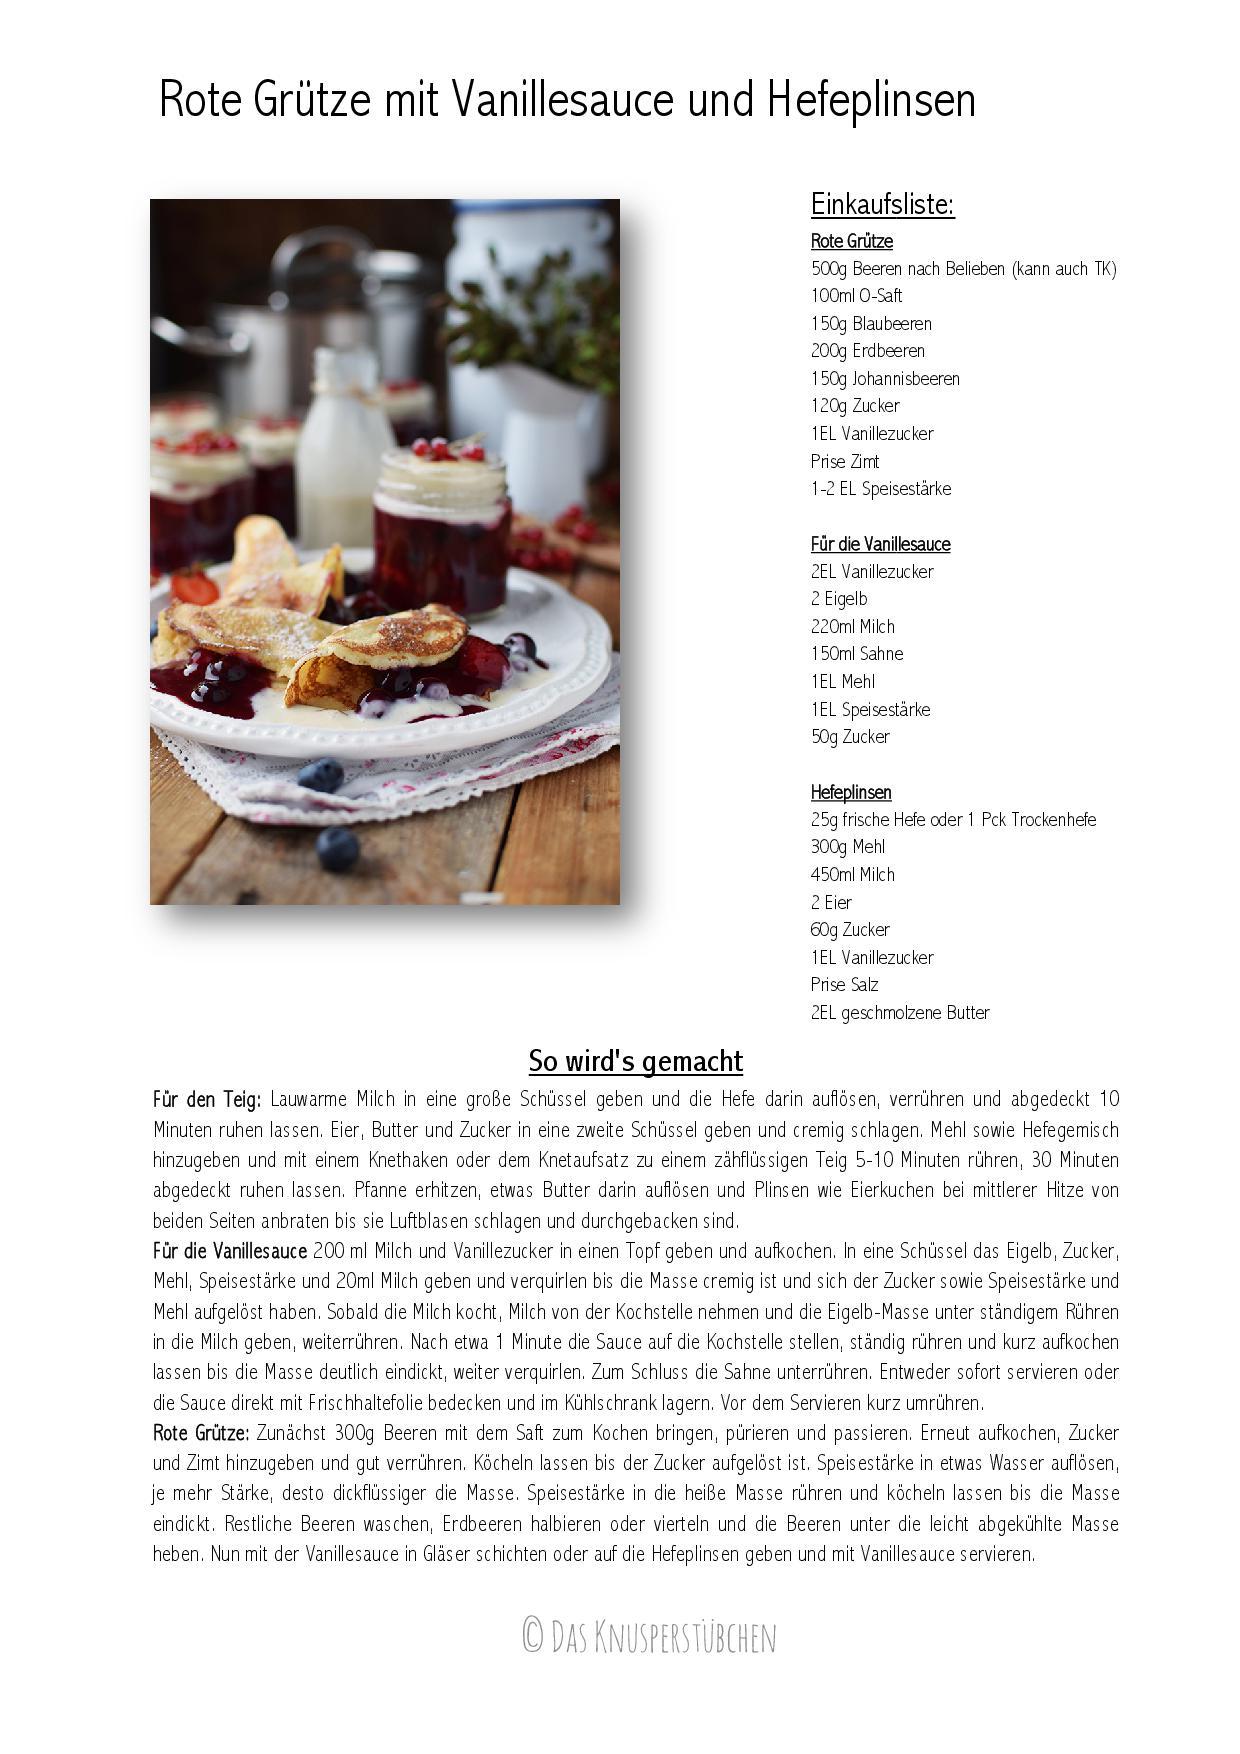 Rote Gruetze mit Vanillesauce und Hefeplinsen-001